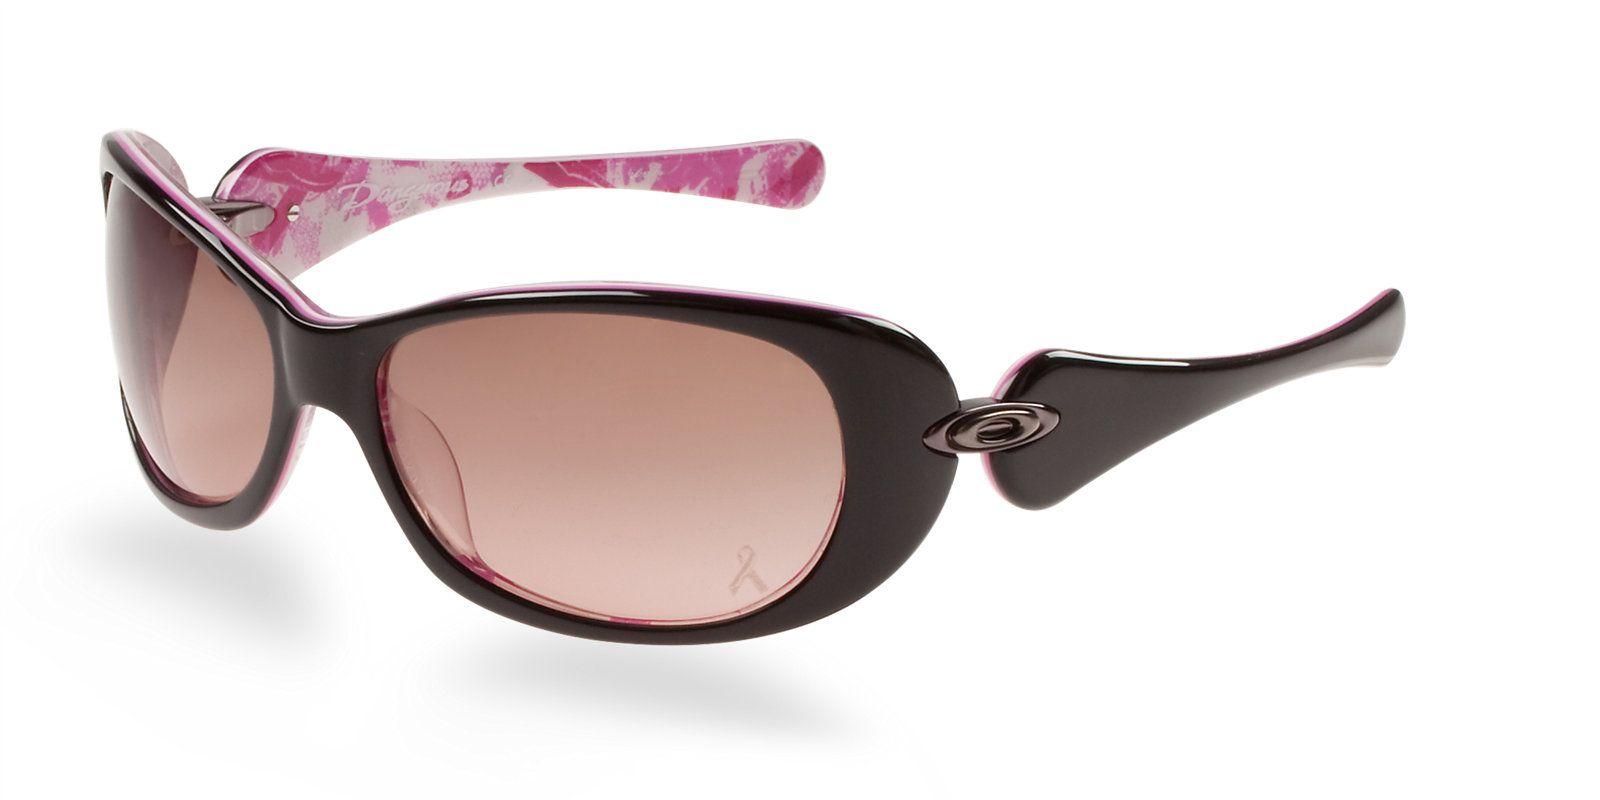 27023724bae2 Oakley Women s DANGEROUS YSC Sunglasses